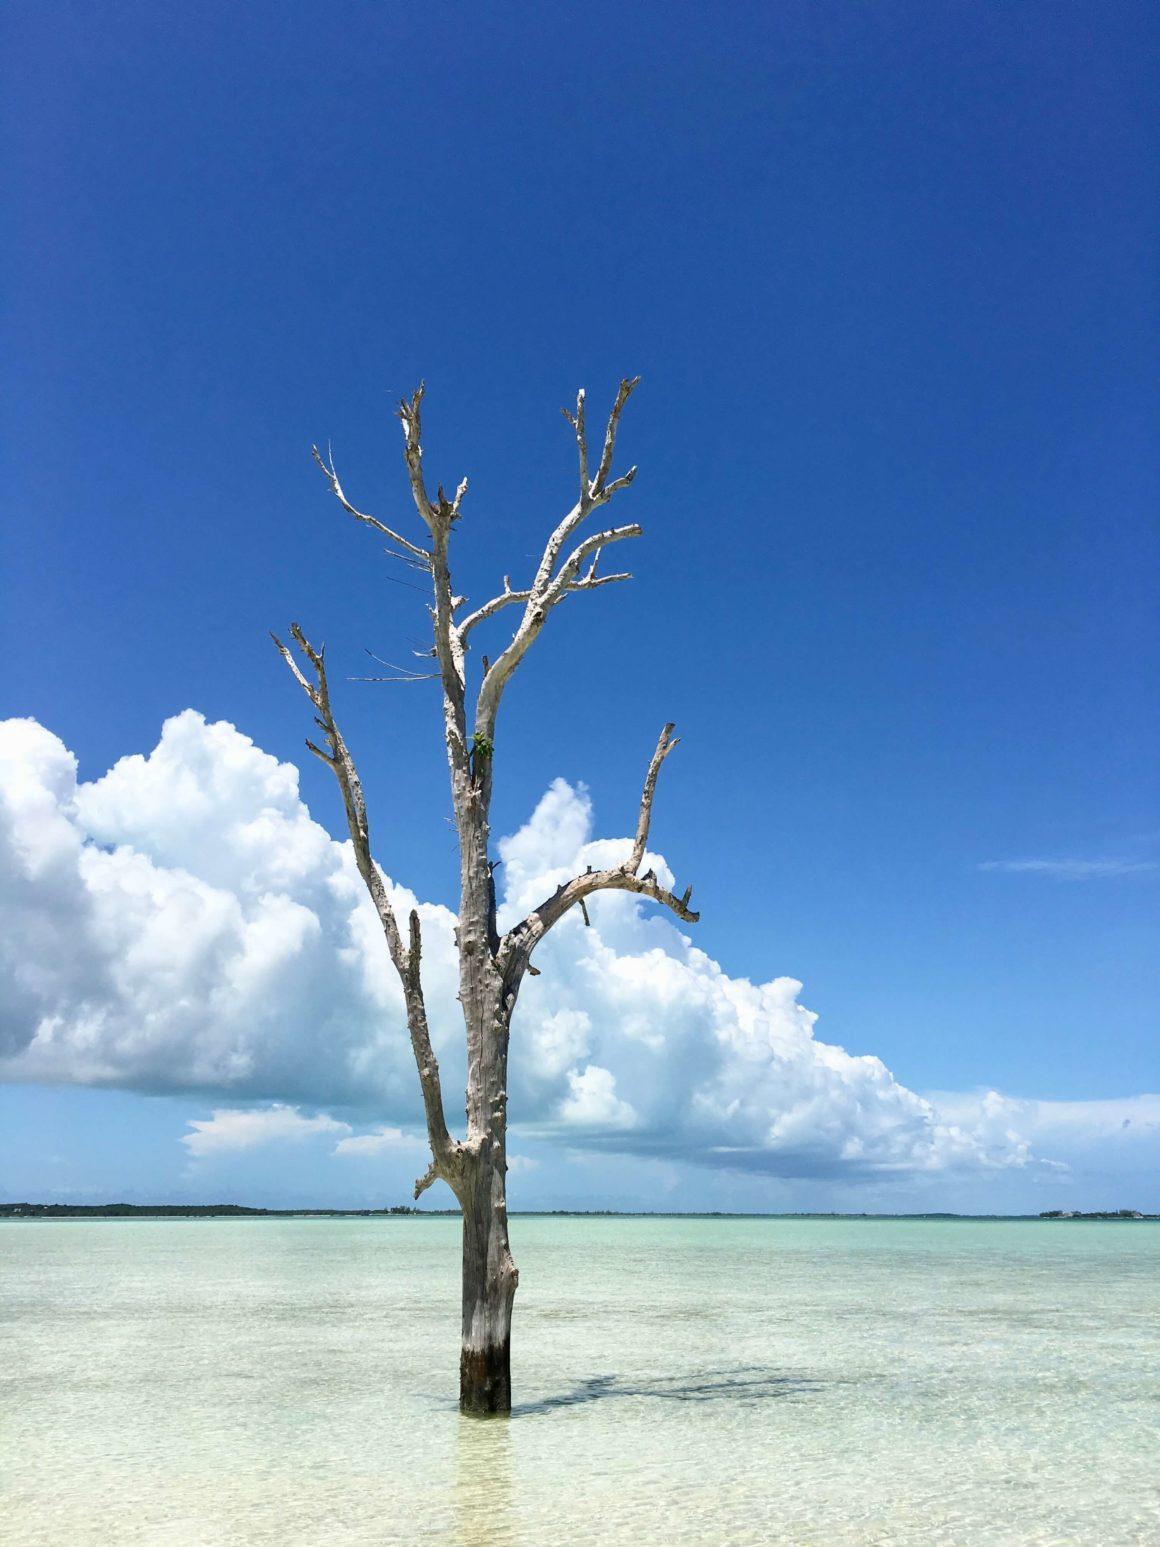 Descobrir o mar cristalino de Eleuthera é um dos programas mais emocionantes nas Bahamas